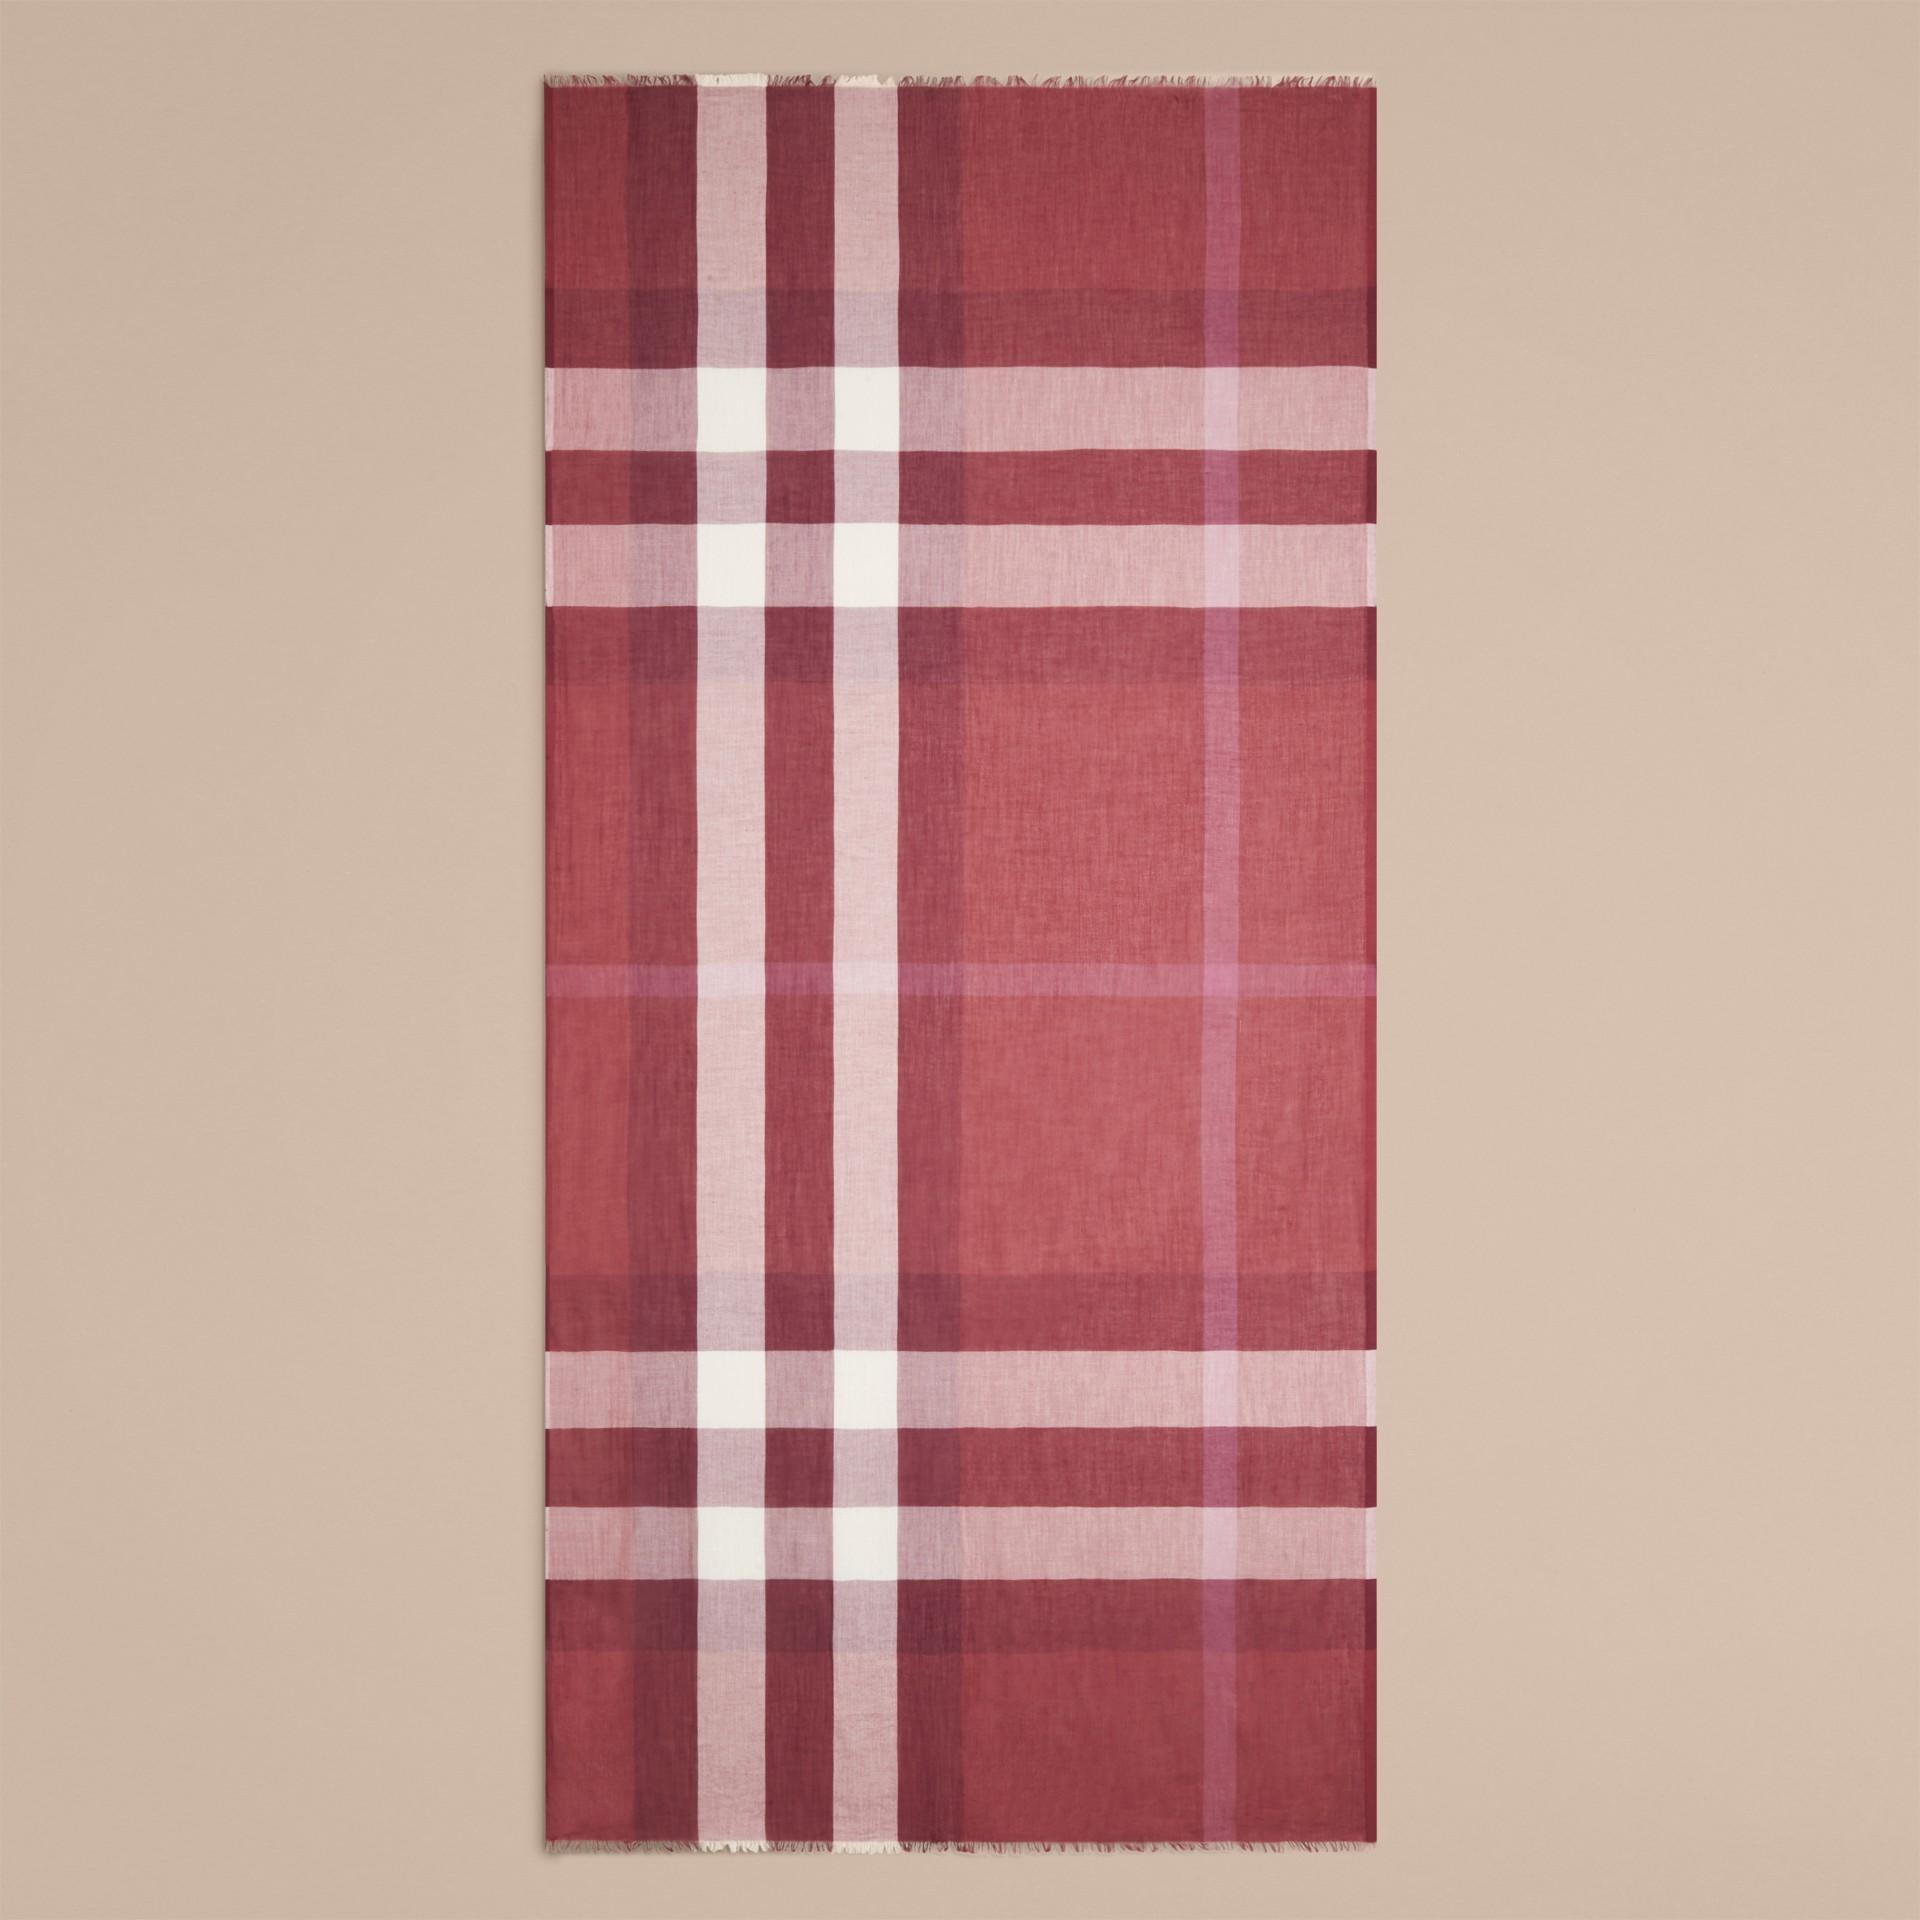 Rosa granato Sciarpa in modal, cashmere e seta con motivo check Rosa Granato - immagine della galleria 4